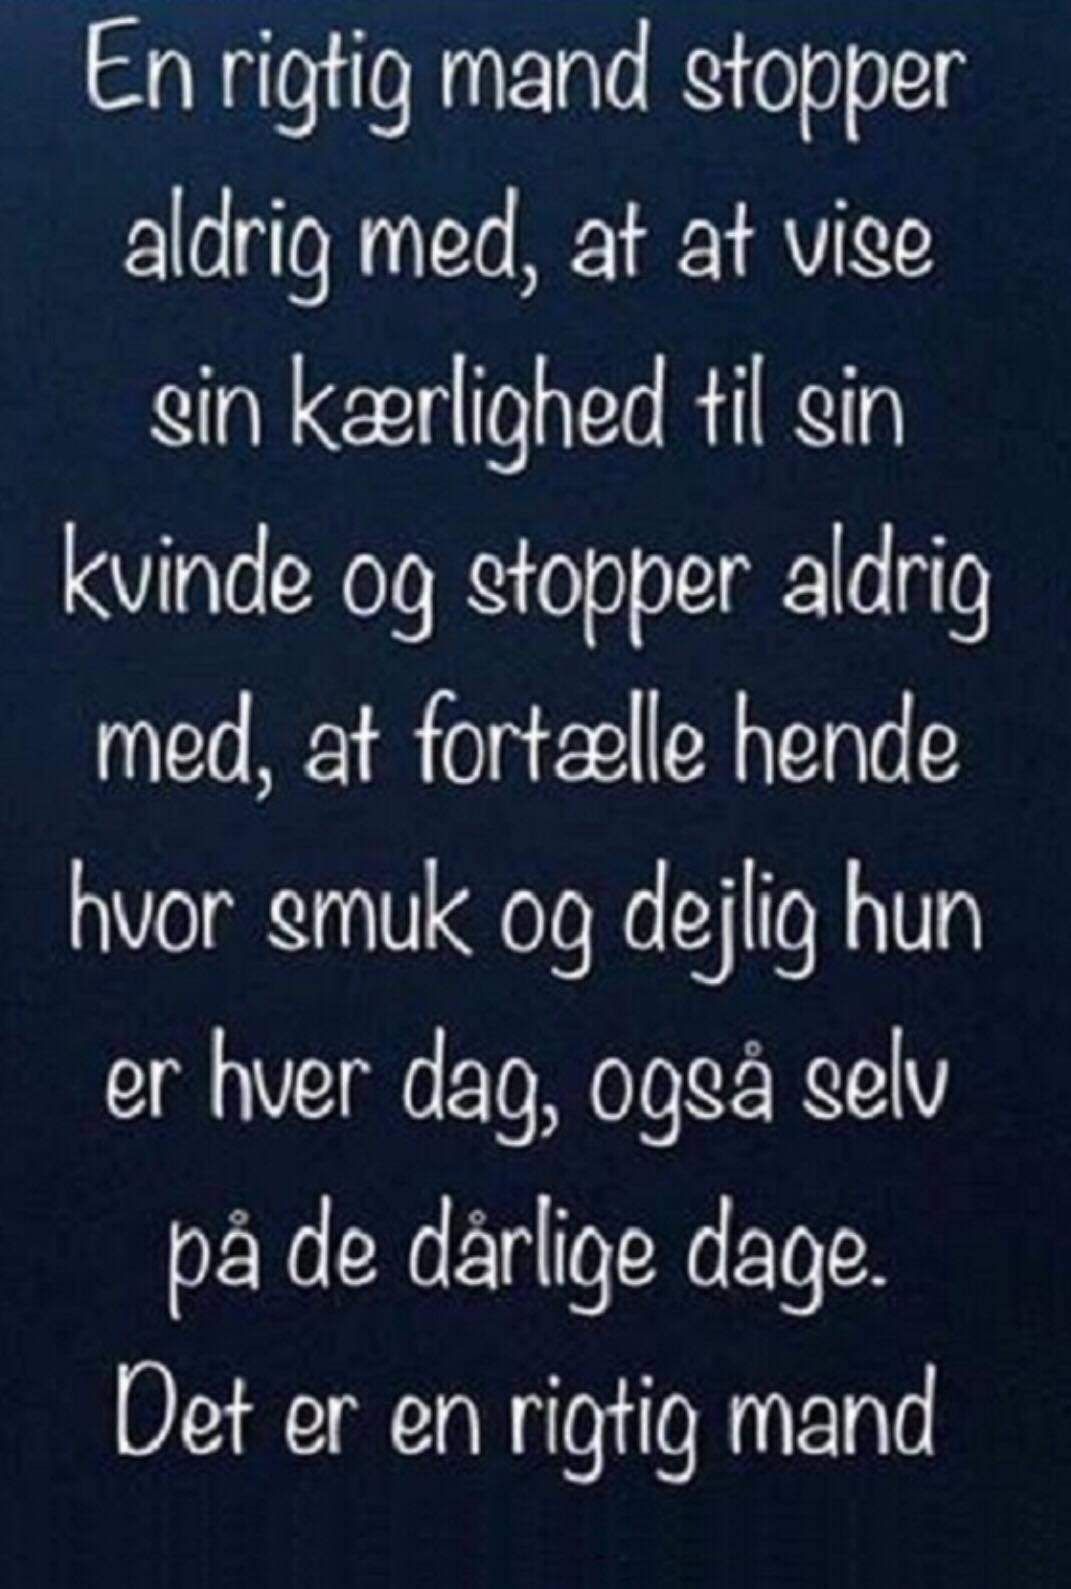 smukke citater om kvinder kærlighed   Danmarks smukkeste citater, Citater om kærlighed  smukke citater om kvinder